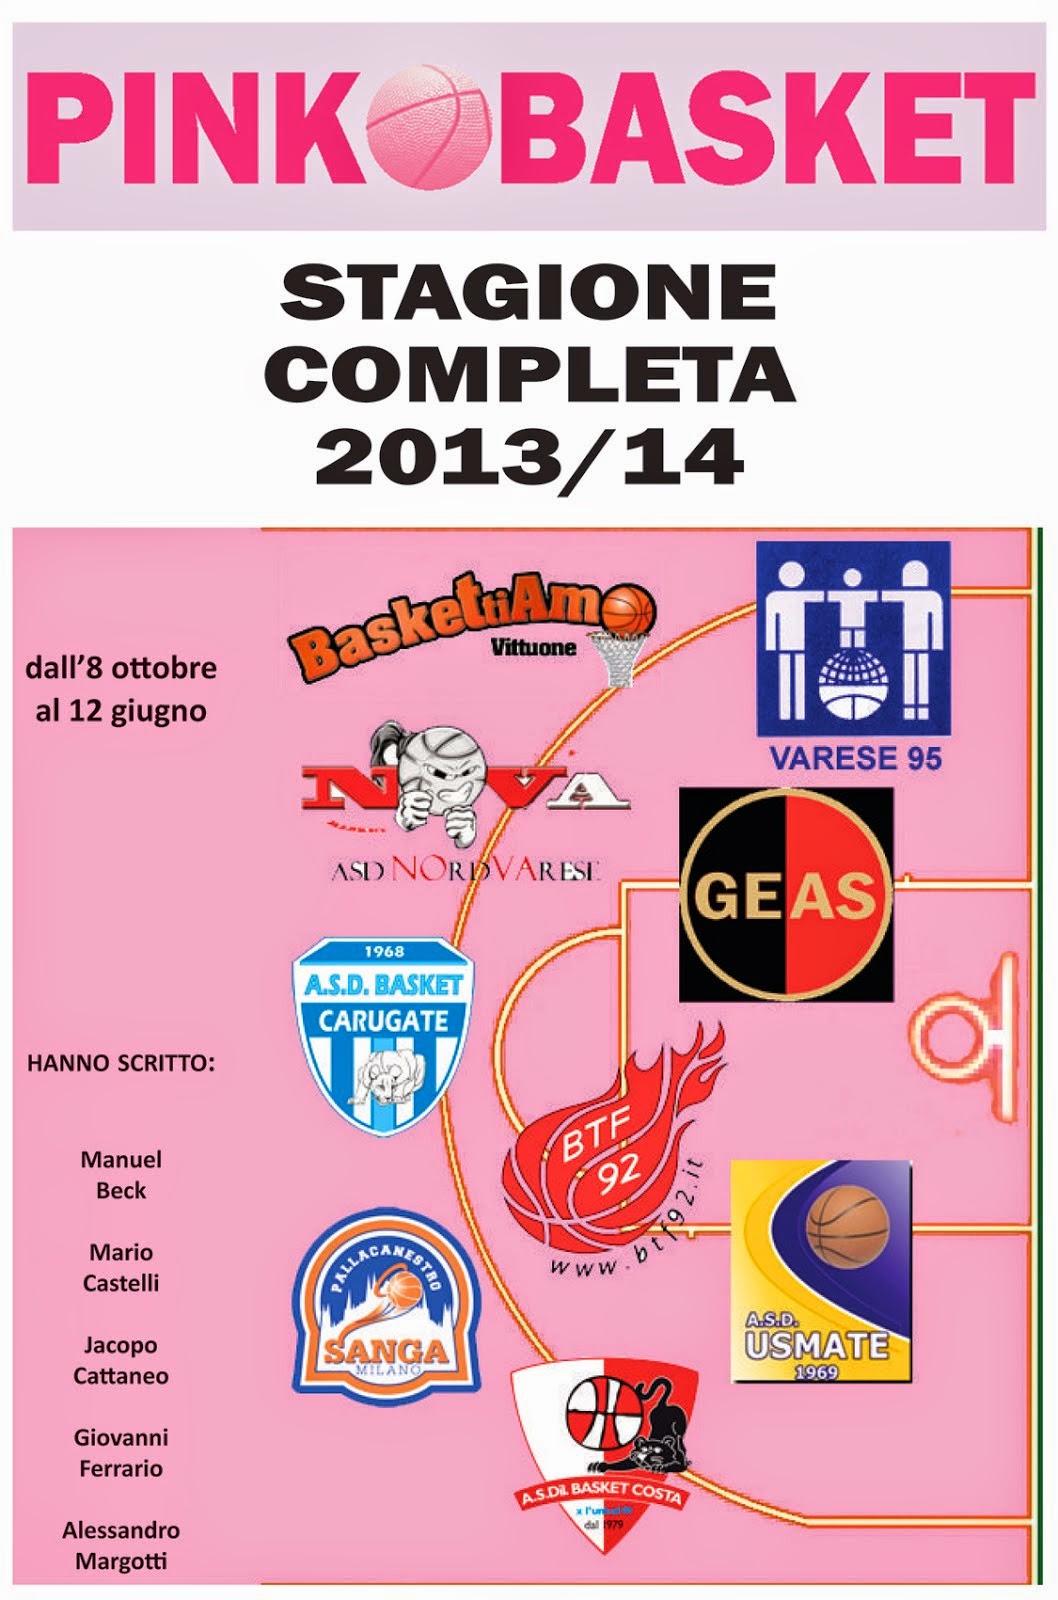 Stagione completa 2013/14